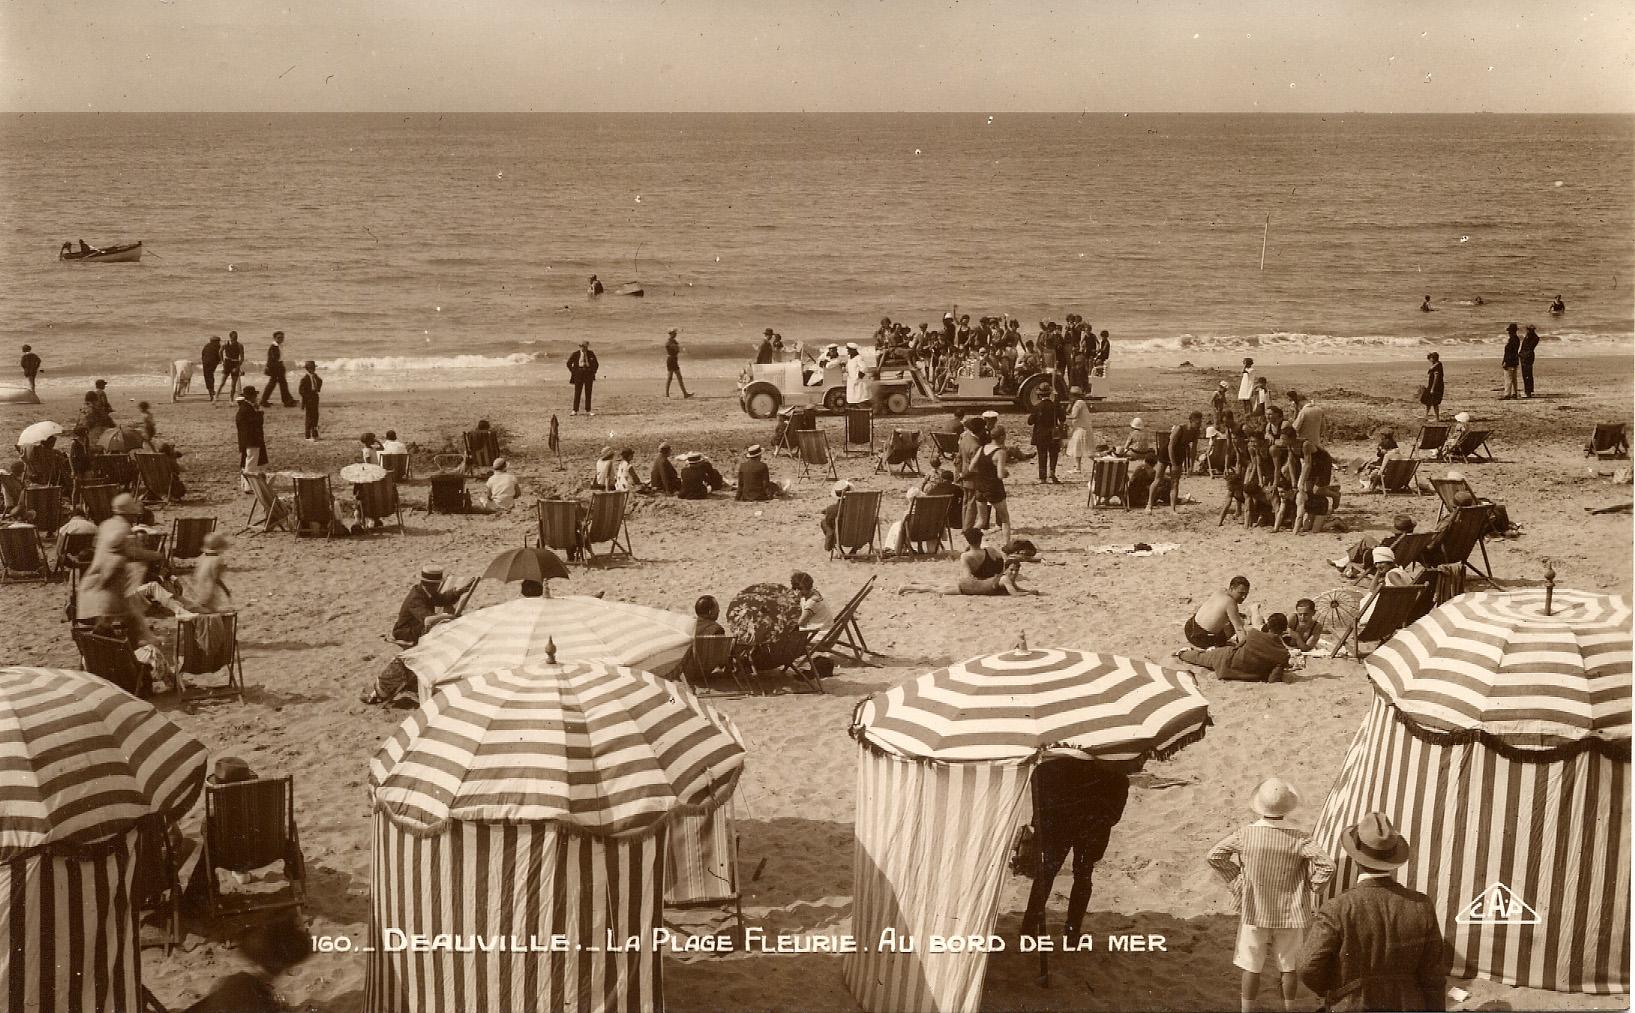 L'autochenille sur le sable